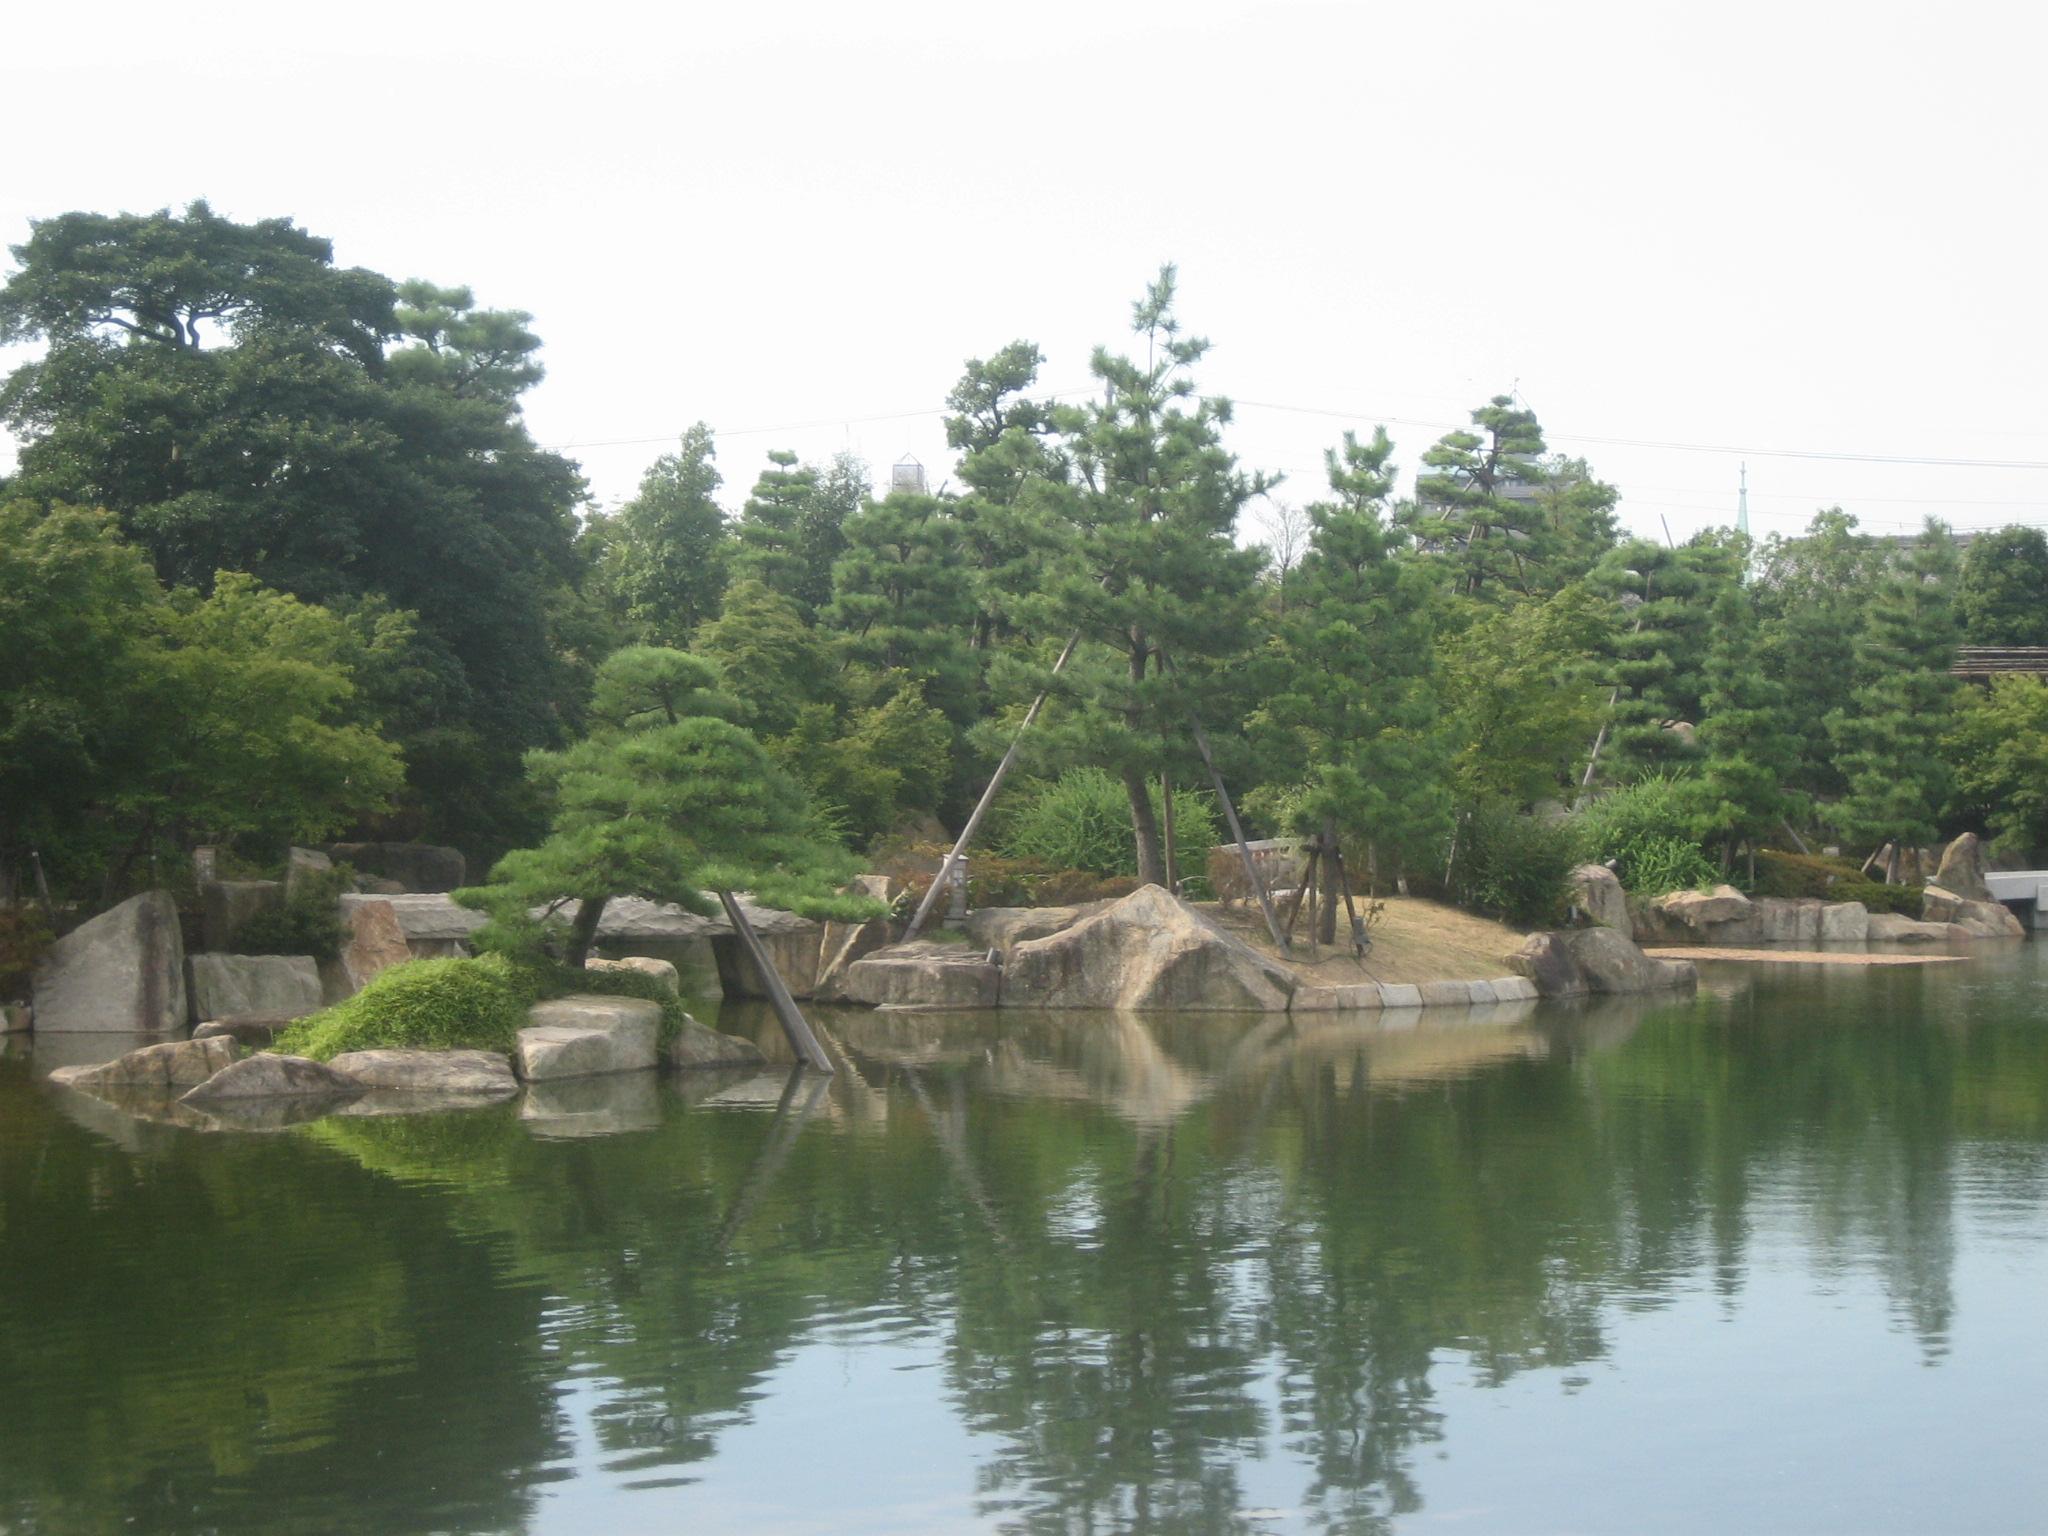 Tokugawa Garden 2096328524 26fb940c85.jpg